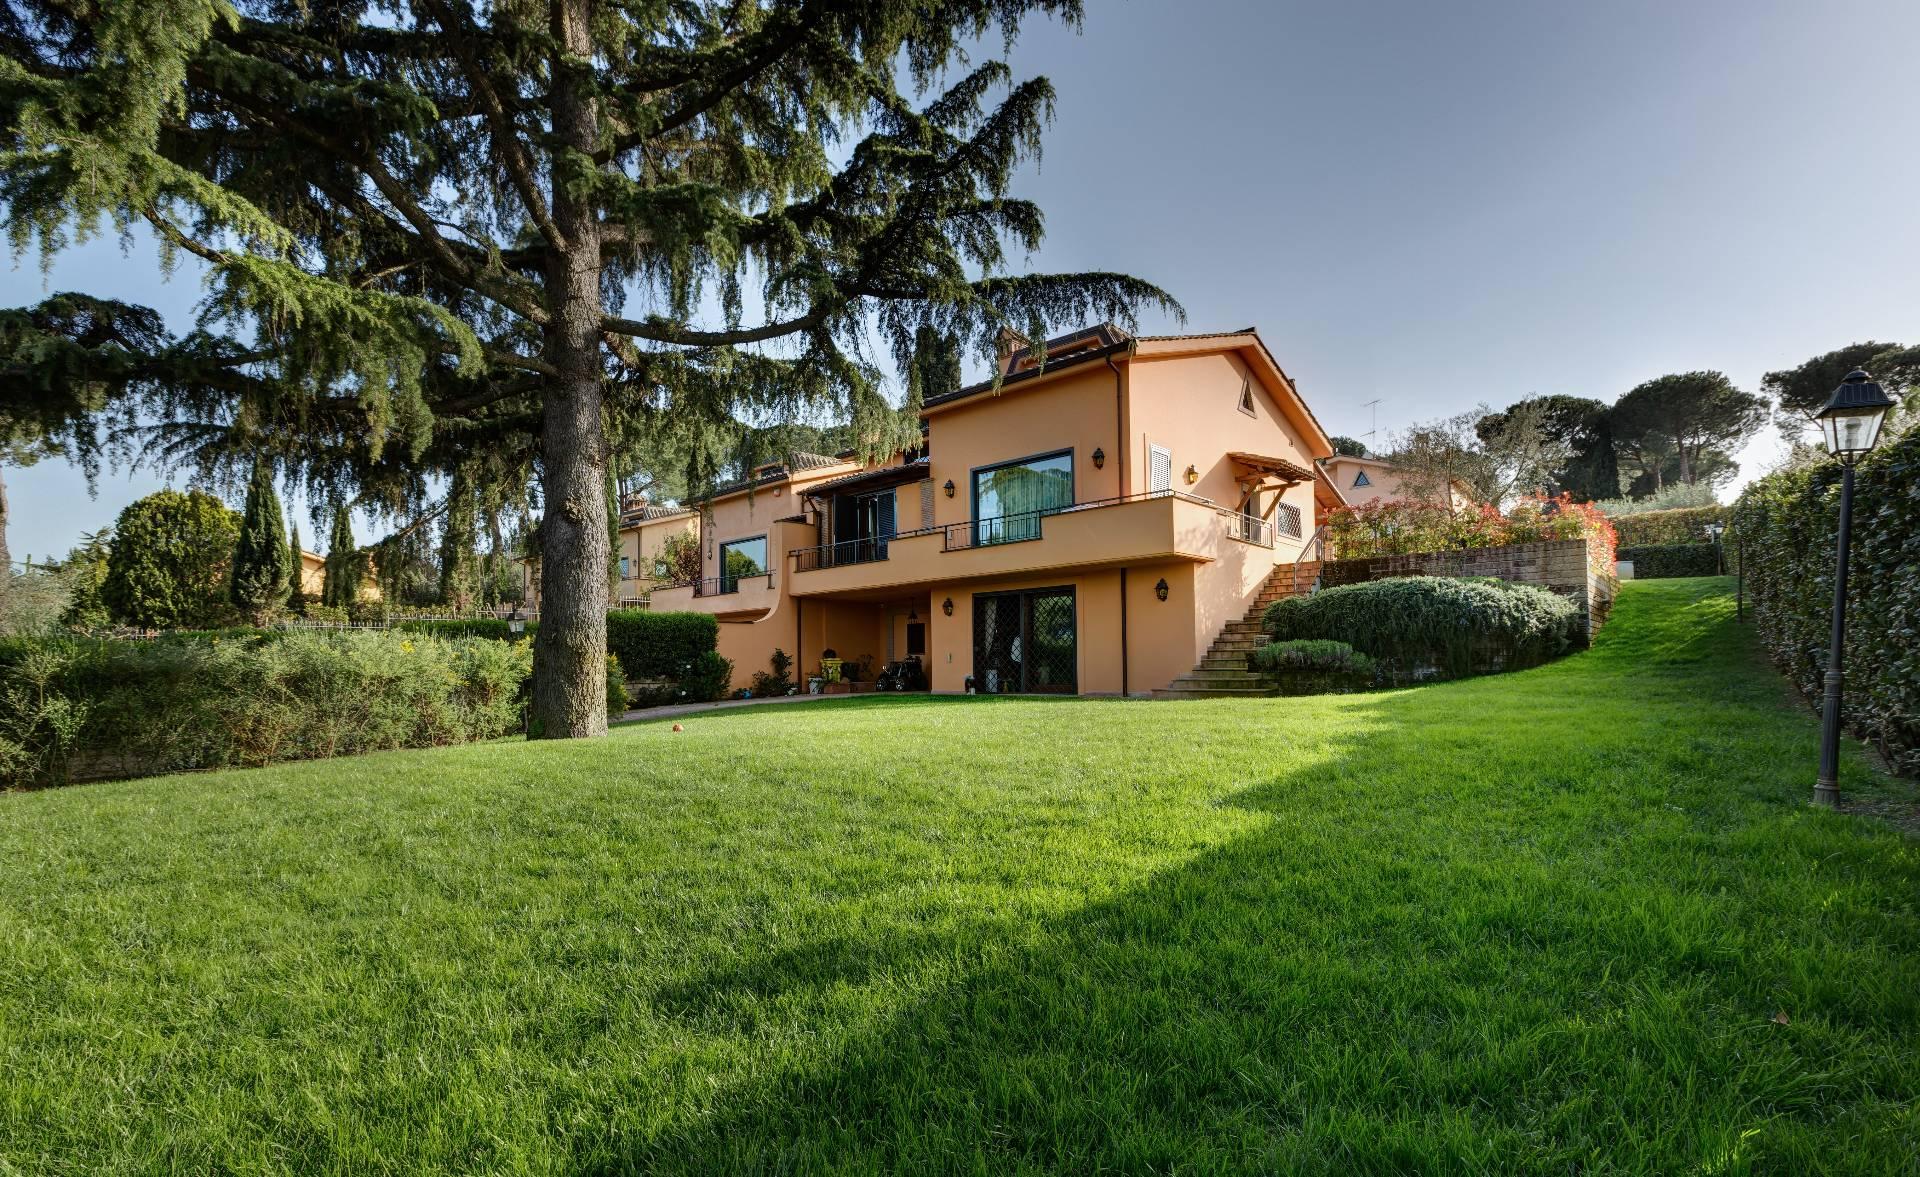 Villa in vendita a Sacrofano, 10 locali, prezzo € 820.000 | Cambio Casa.it